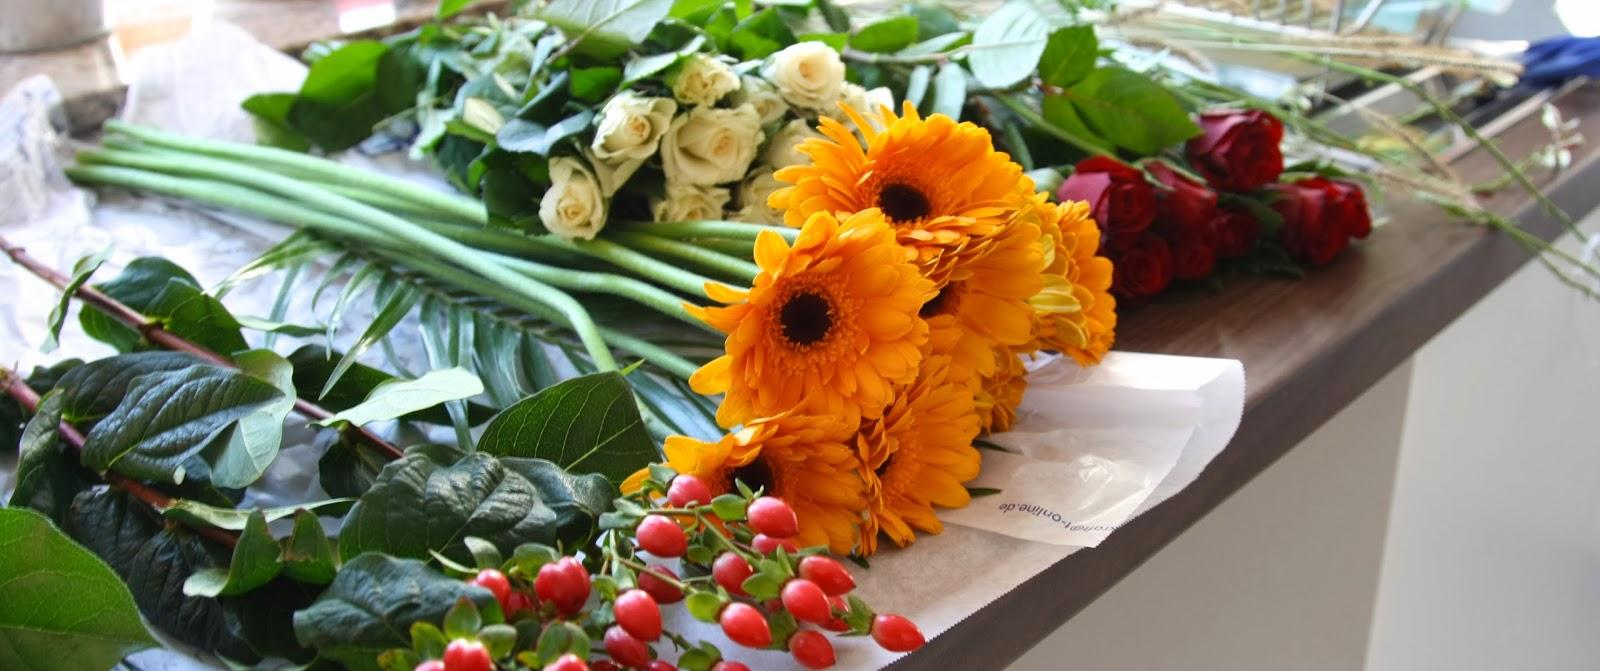 Tschessilicious Ideen Zum Verschenken 24 Blumen Binden